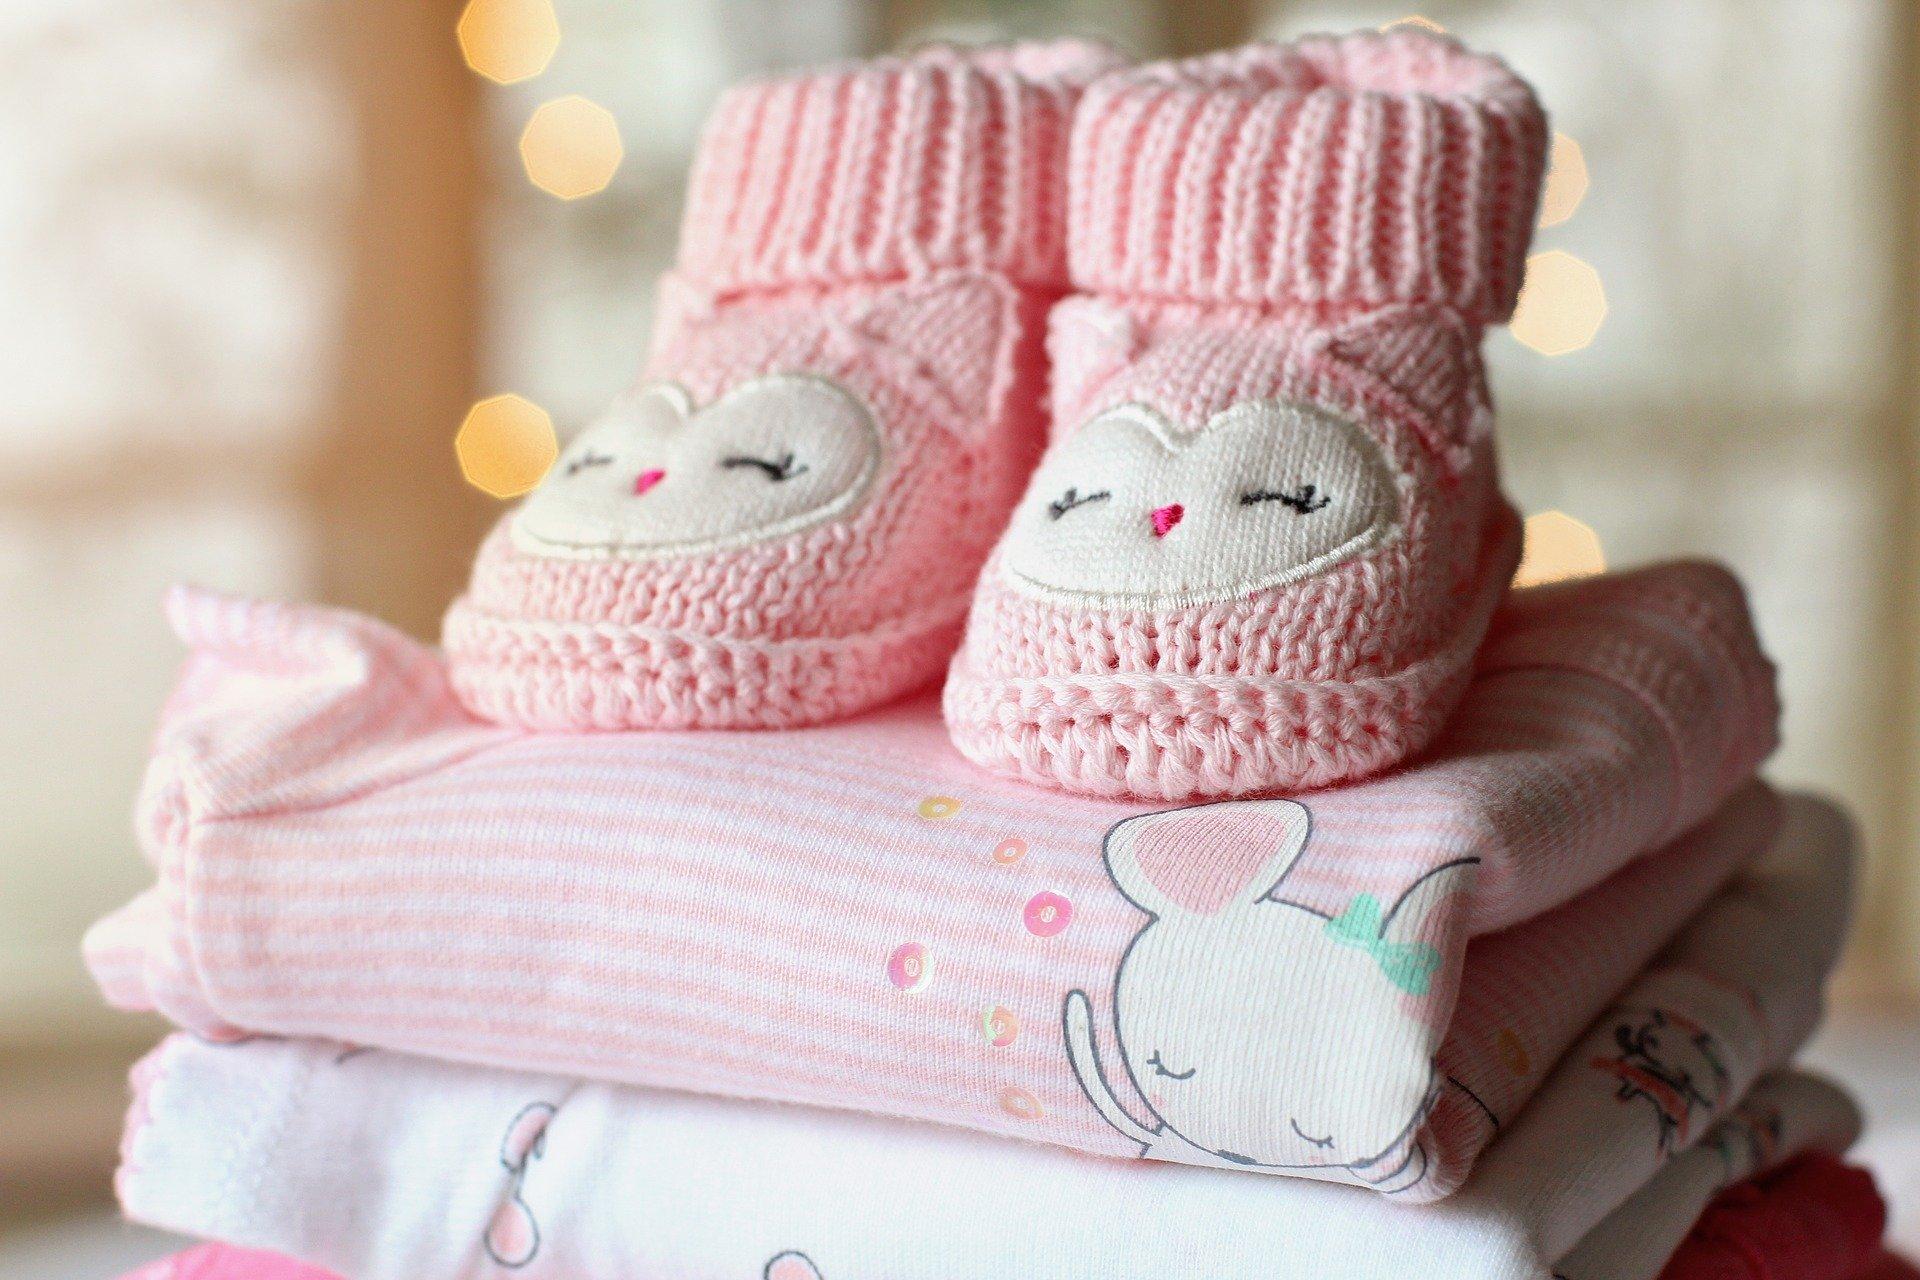 foto di scarpine da neonato